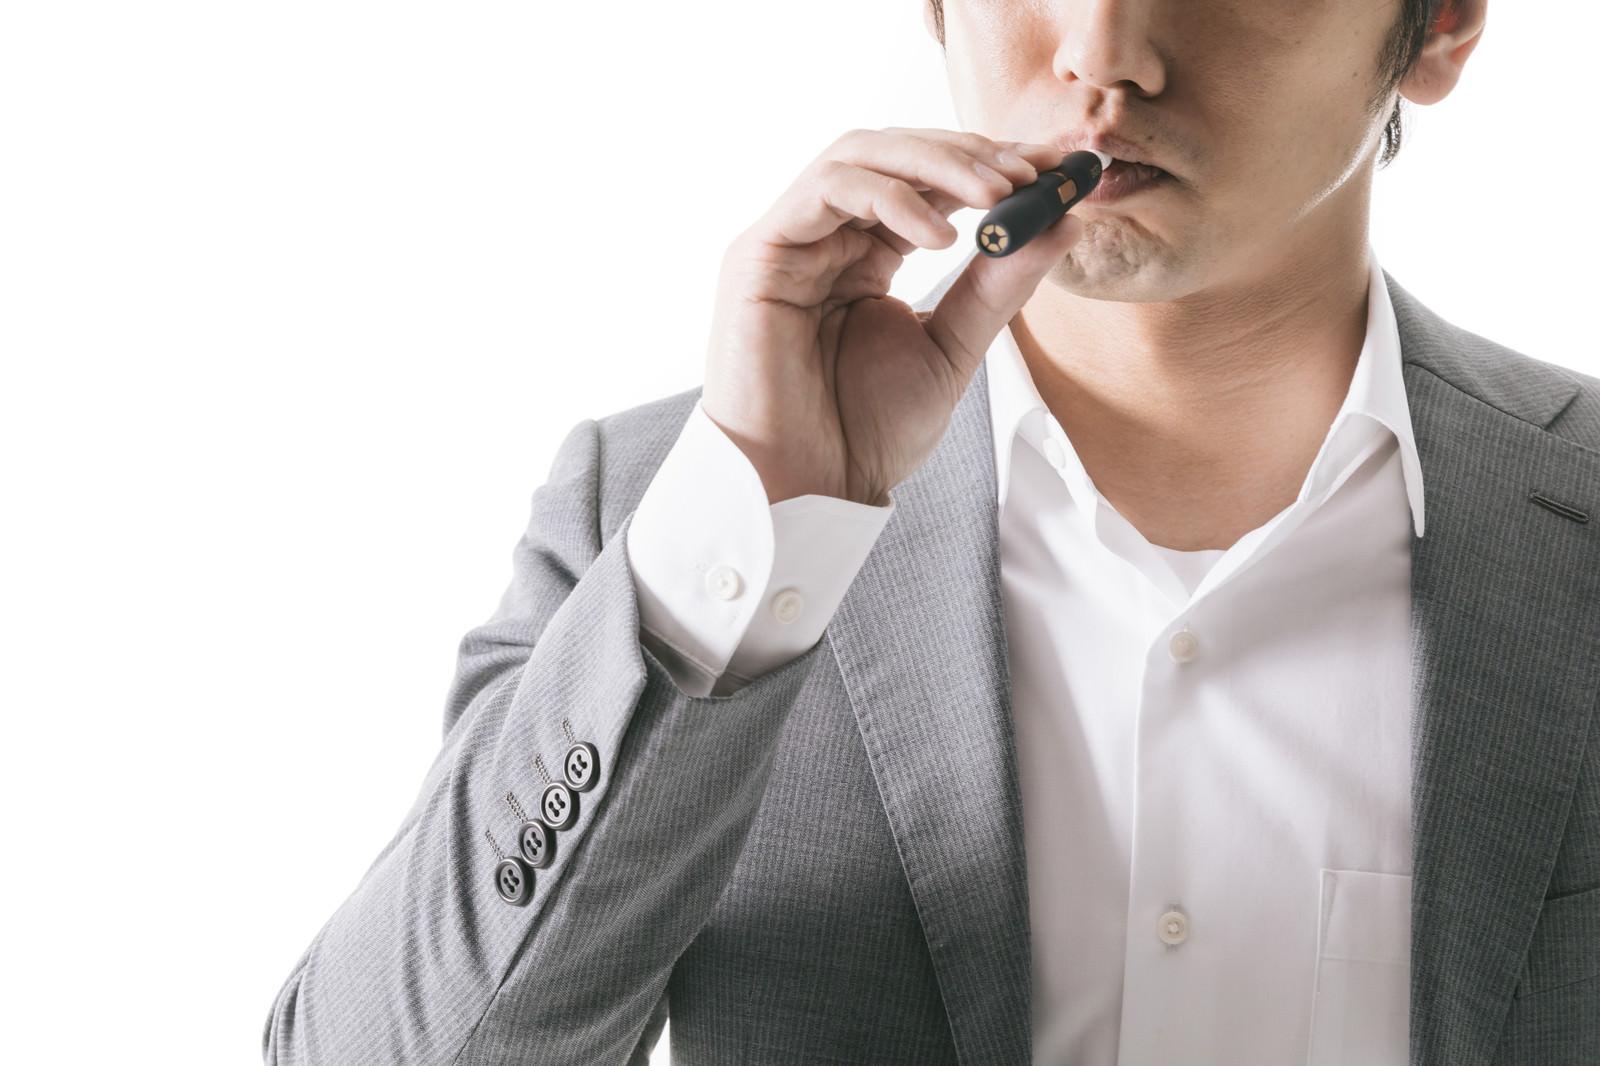 「紙巻きたばこから加熱式たばこに切り替えたビジネスパーソン」の写真[モデル:大川竜弥]